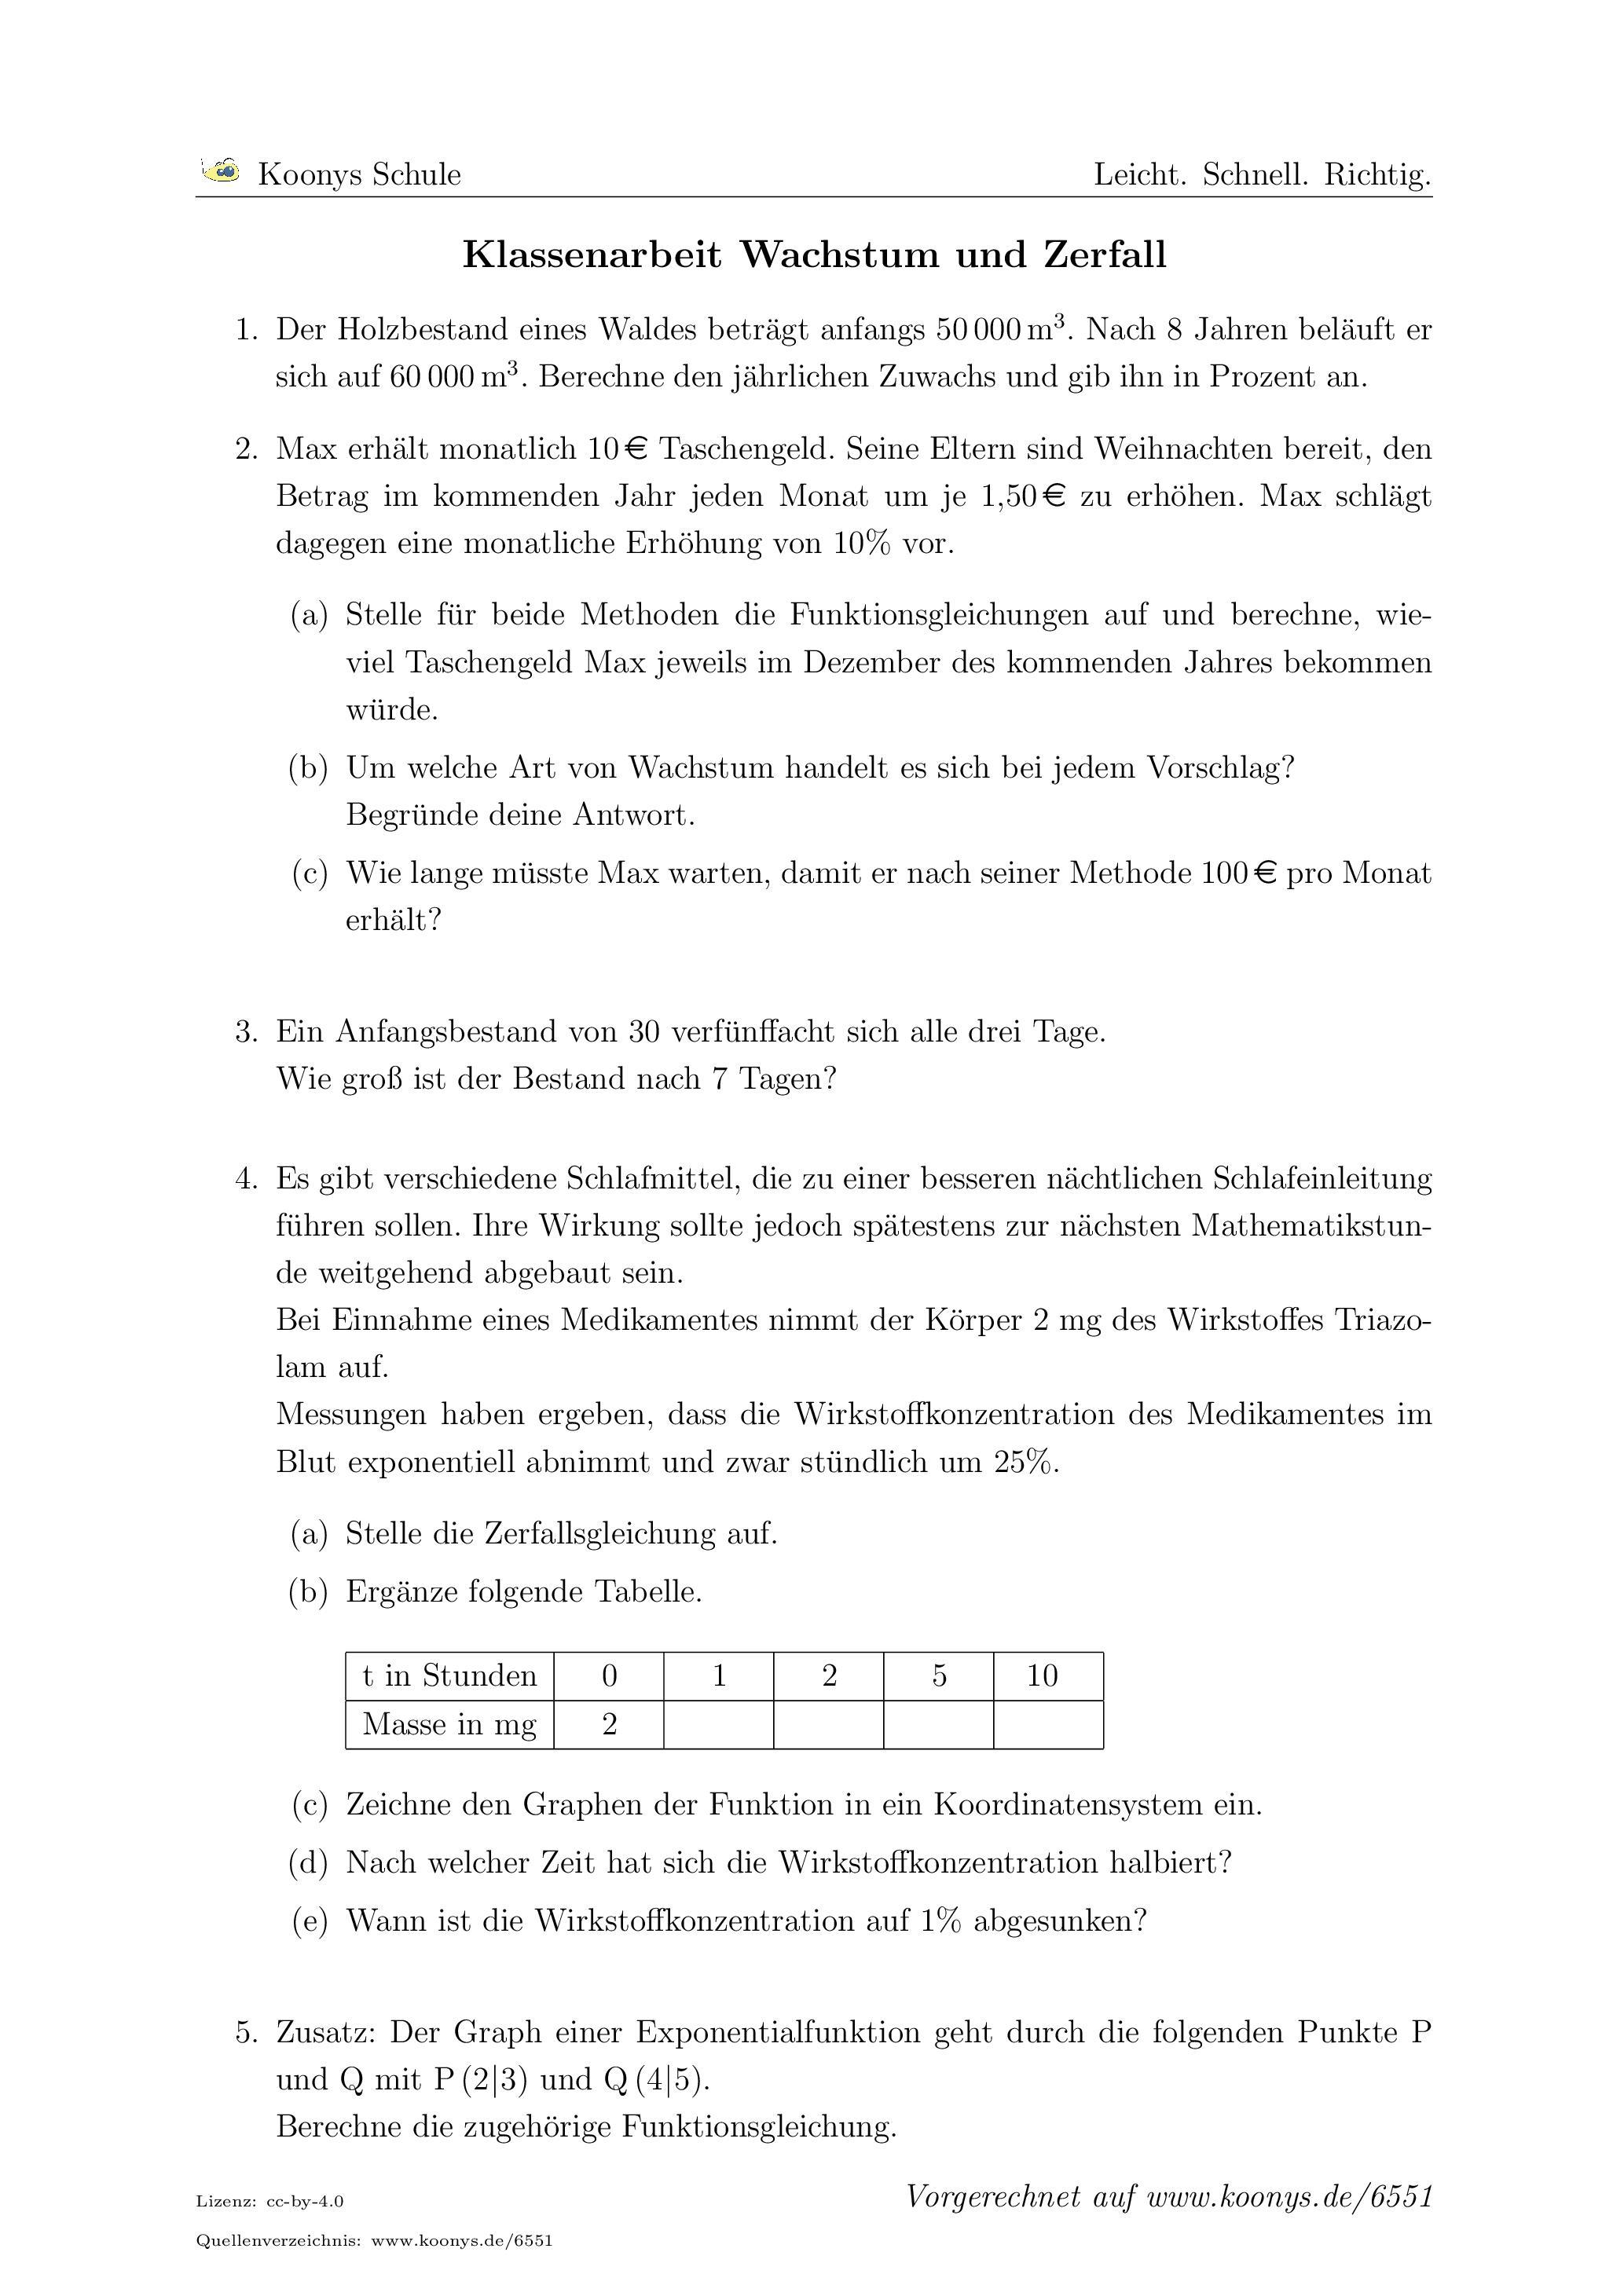 Colorful Exponentielles Wachstum Und Zerfall Arbeitsblatt Antworten ...